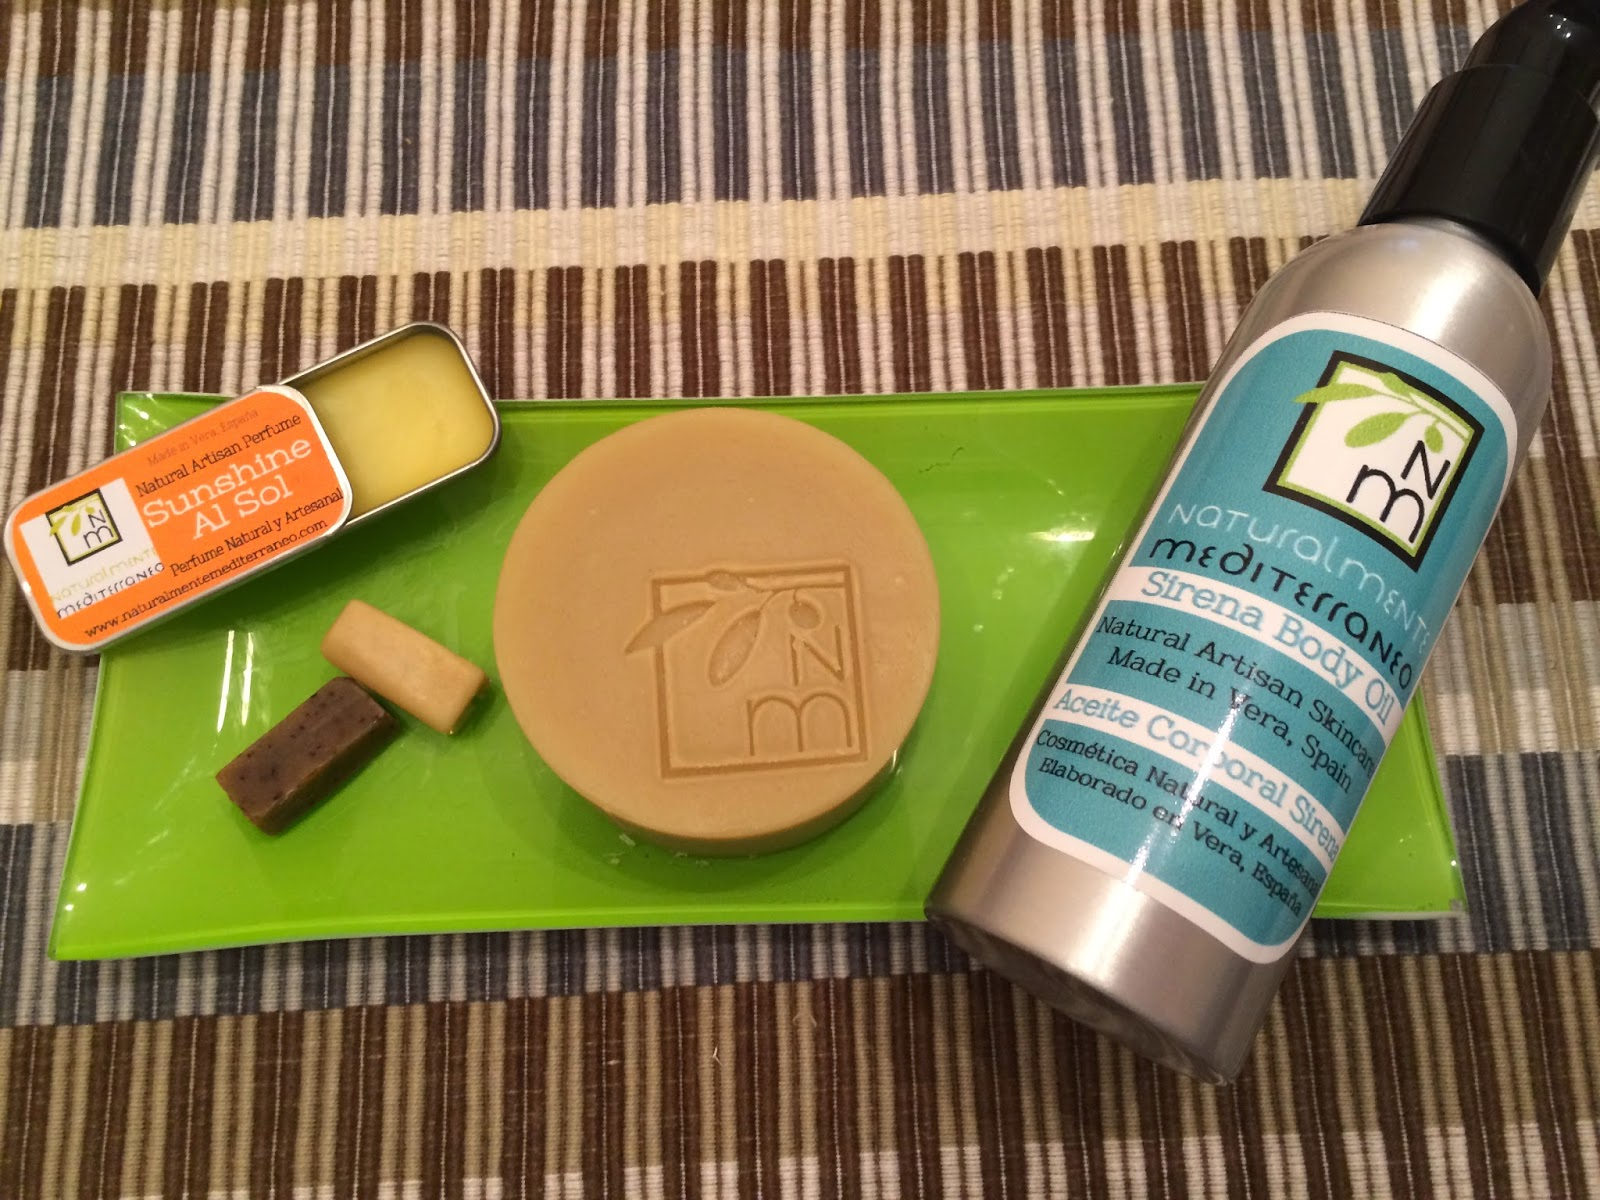 aceite corporal, espuma de afeitar y perfume artesano